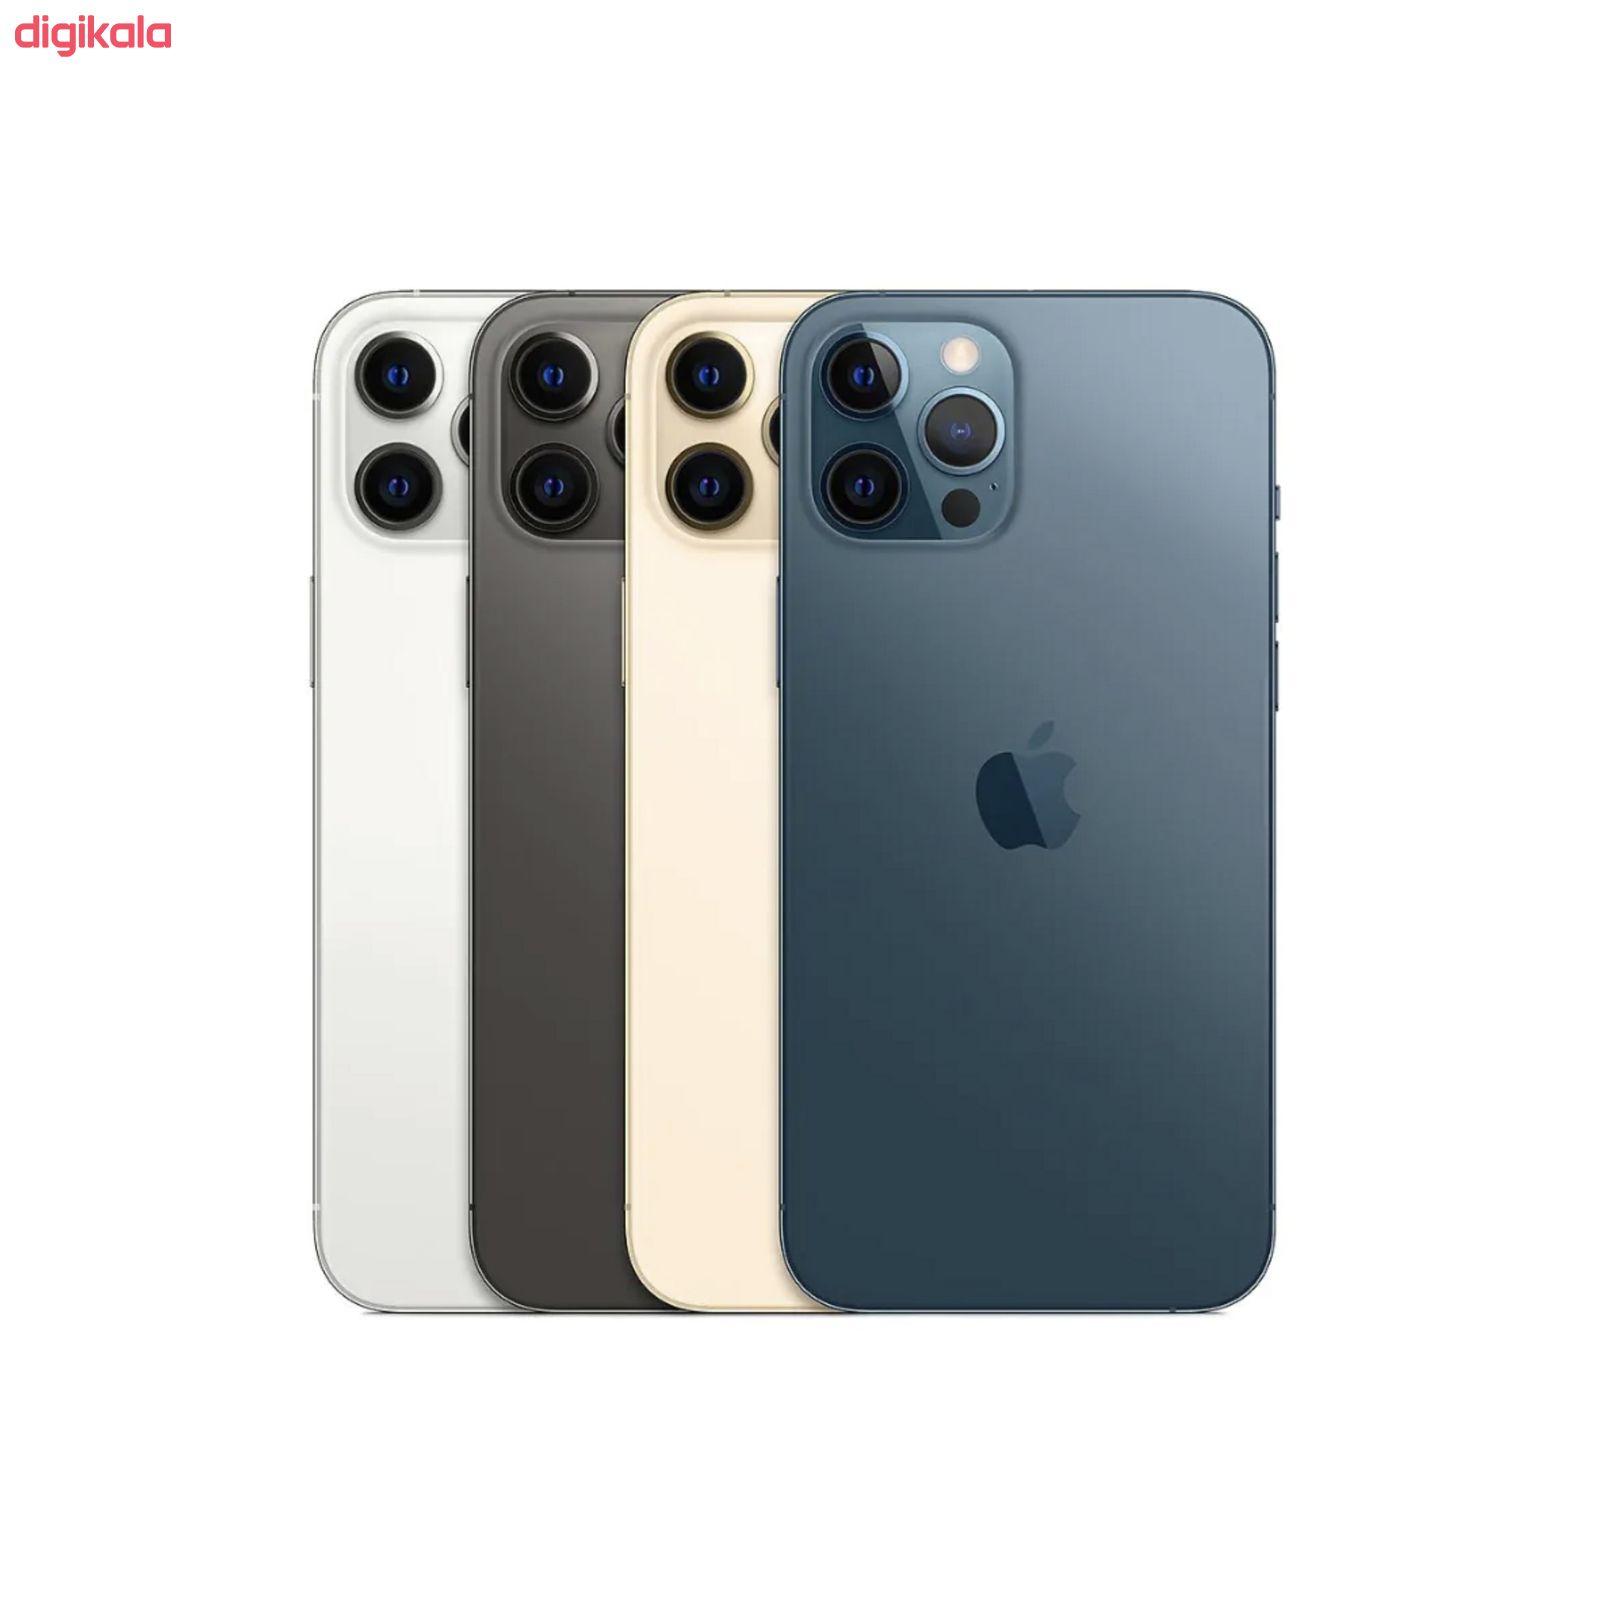 گوشی موبایل اپل مدل iPhone 12 Pro Max A2412 دو سیم کارت ظرفیت 256 گیگابایت main 1 4